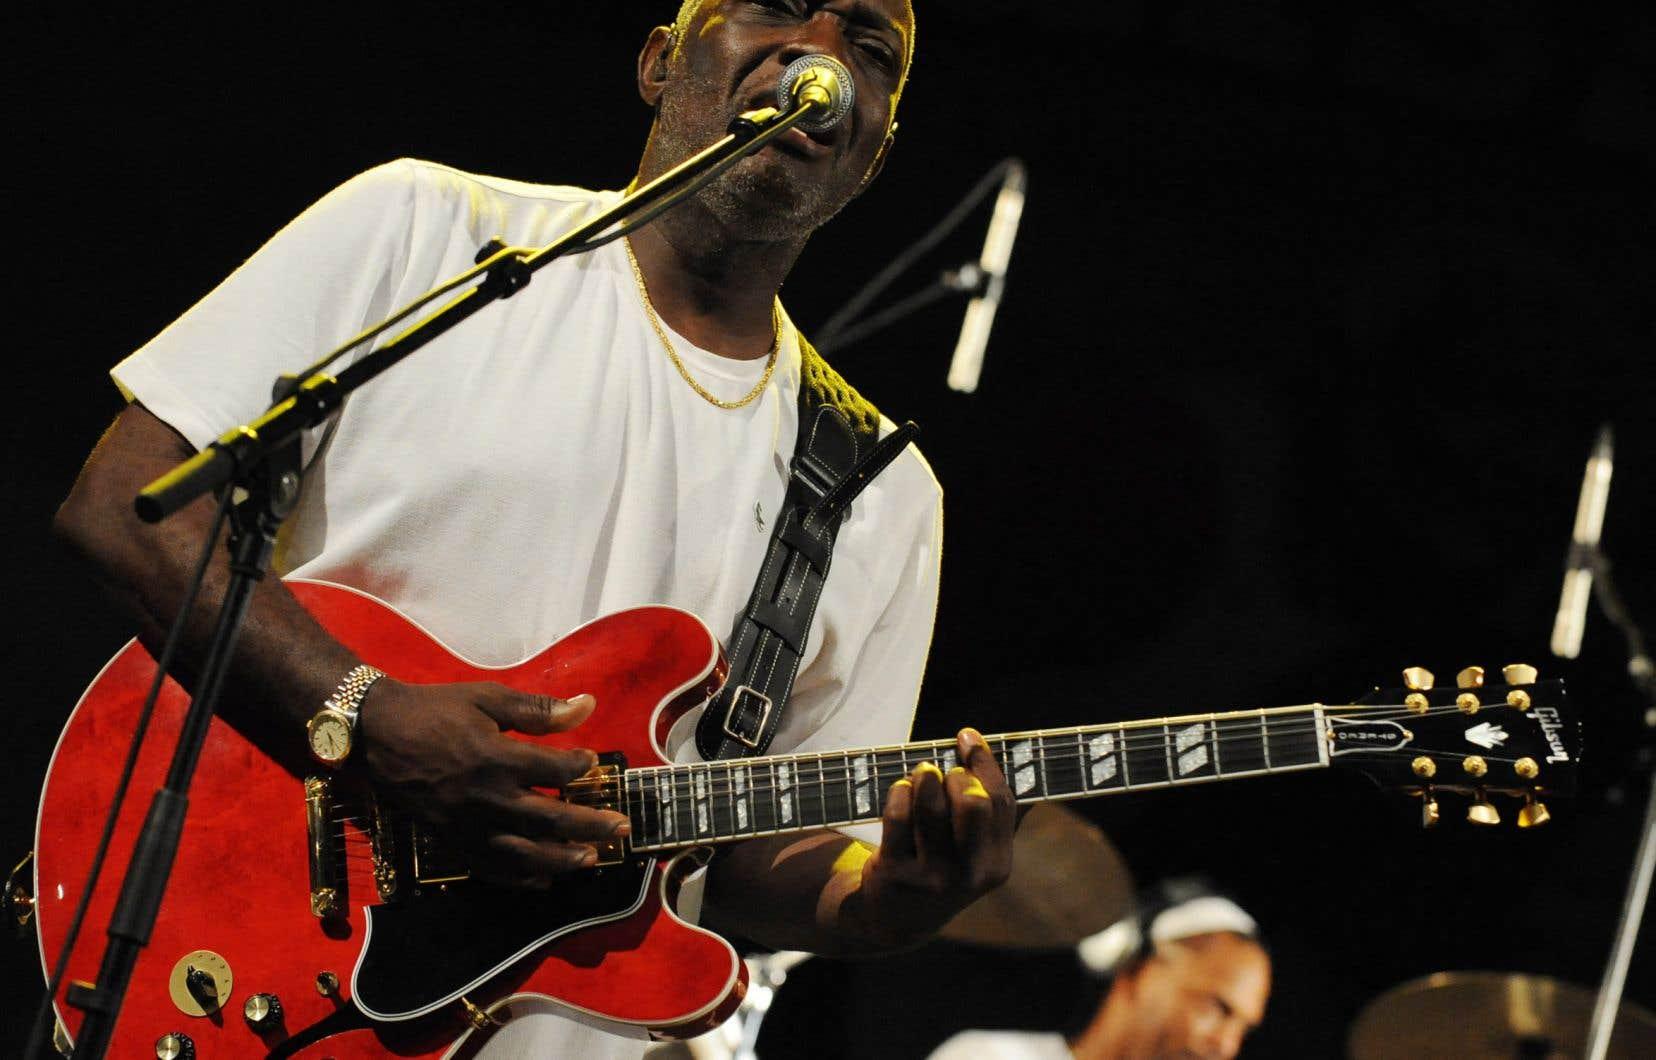 «Les Antilles, l'Afrique et la musique viennent de perdre l'un de leurs plus grands Ambassadeurs», a gazouillé vendredi soir le chanteur sénégalais Youssou Ndour.